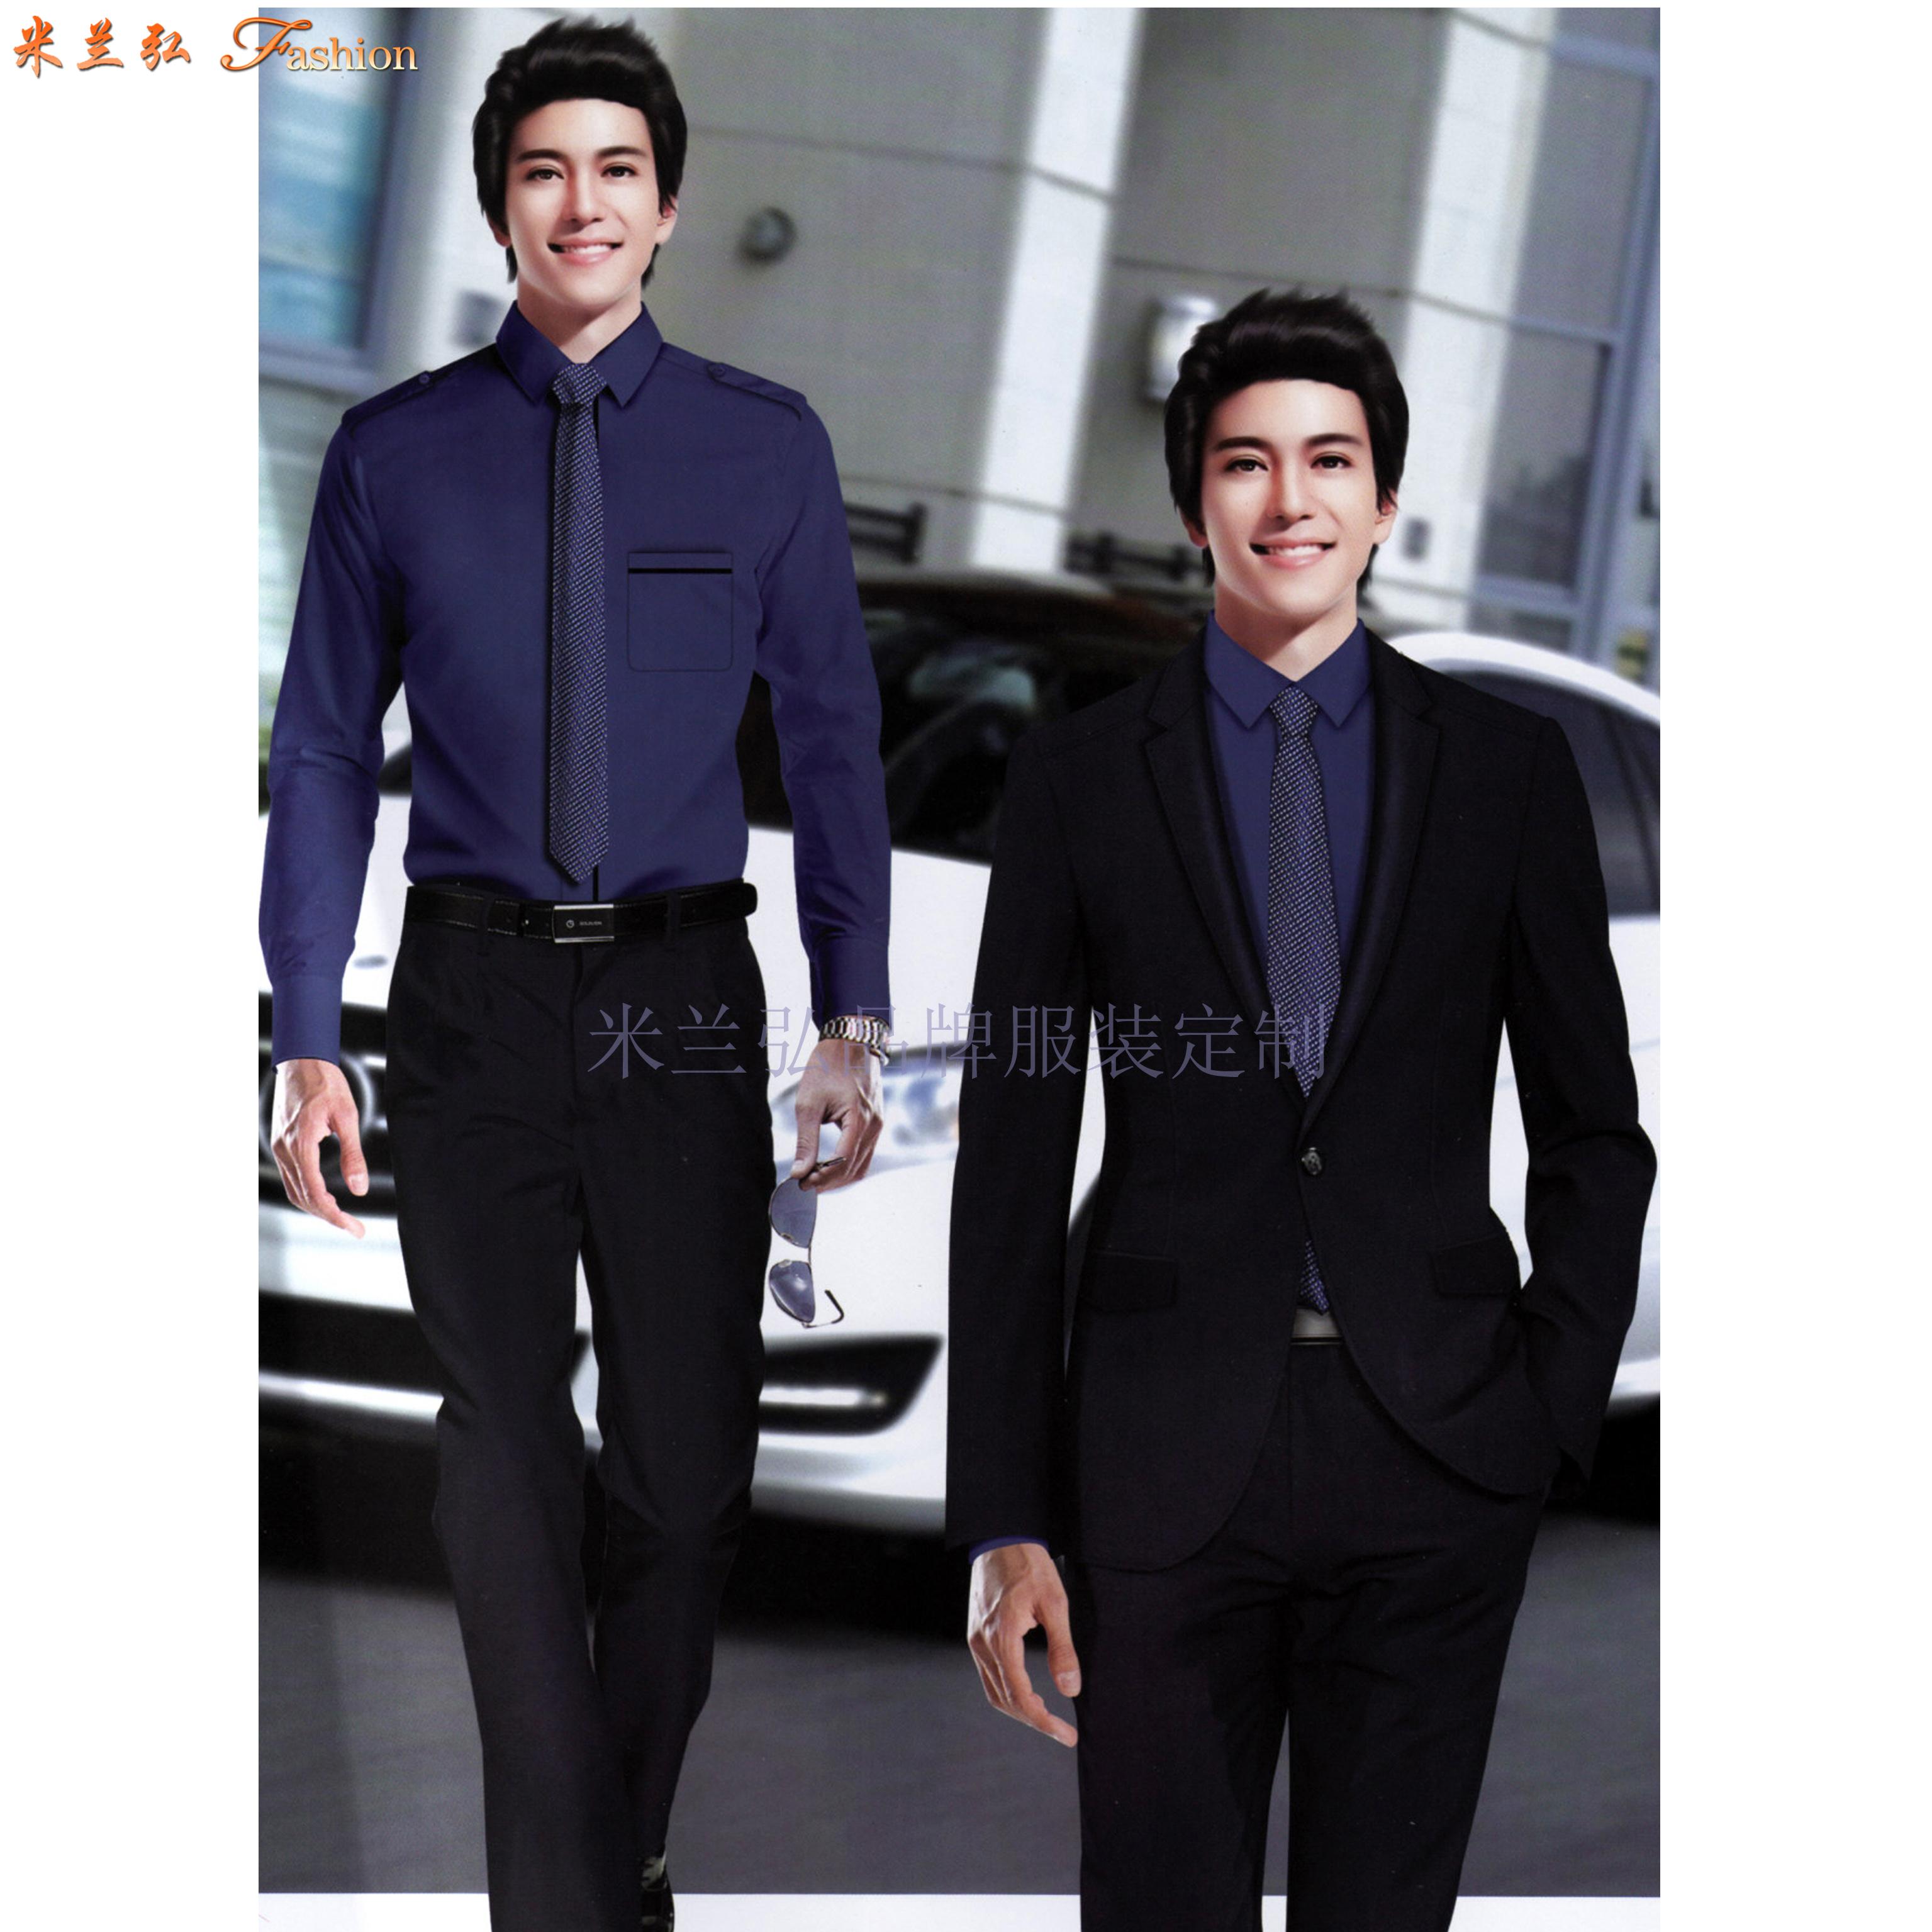 「北京西服定制圖片」男士西服搭配1外套1褲子-米蘭弘西服品牌-5